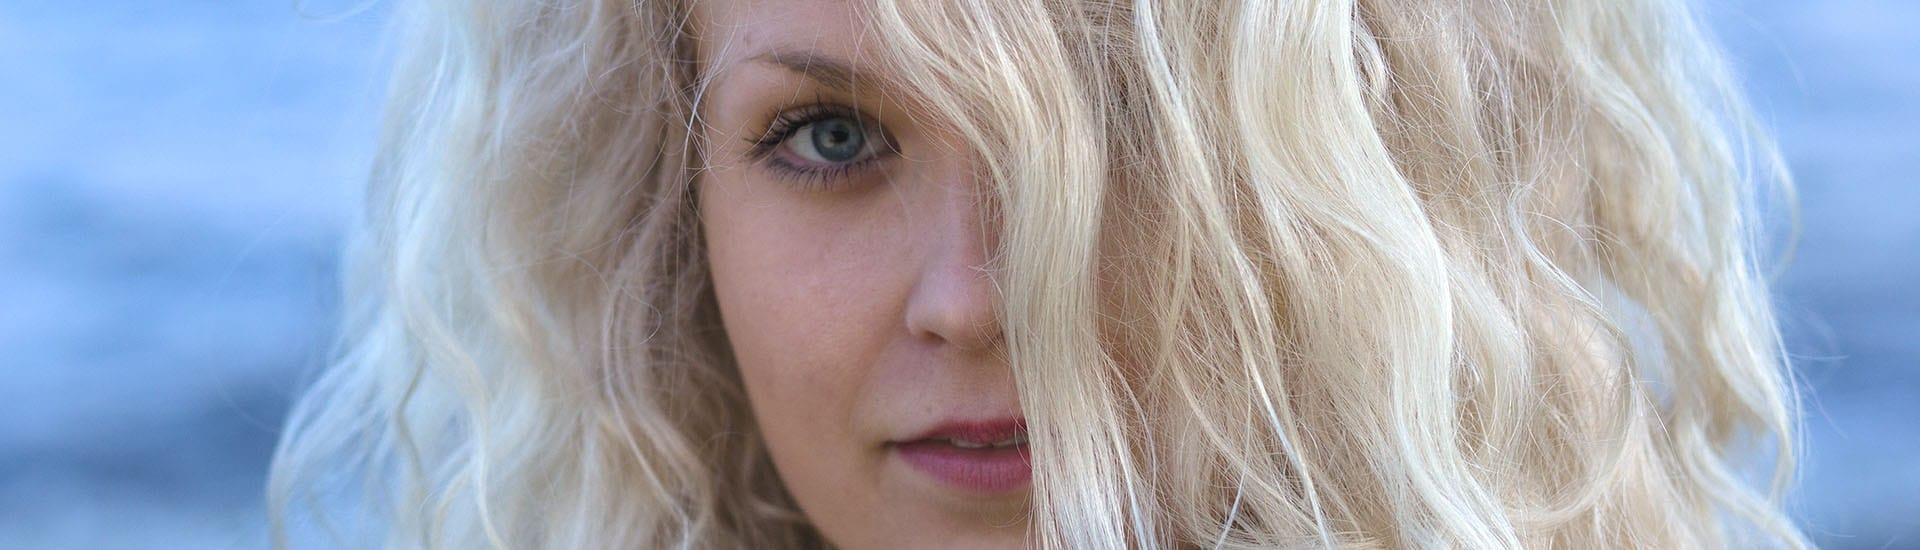 LauraMoisio_HIGHRES_creditAnnukkaPakarinen